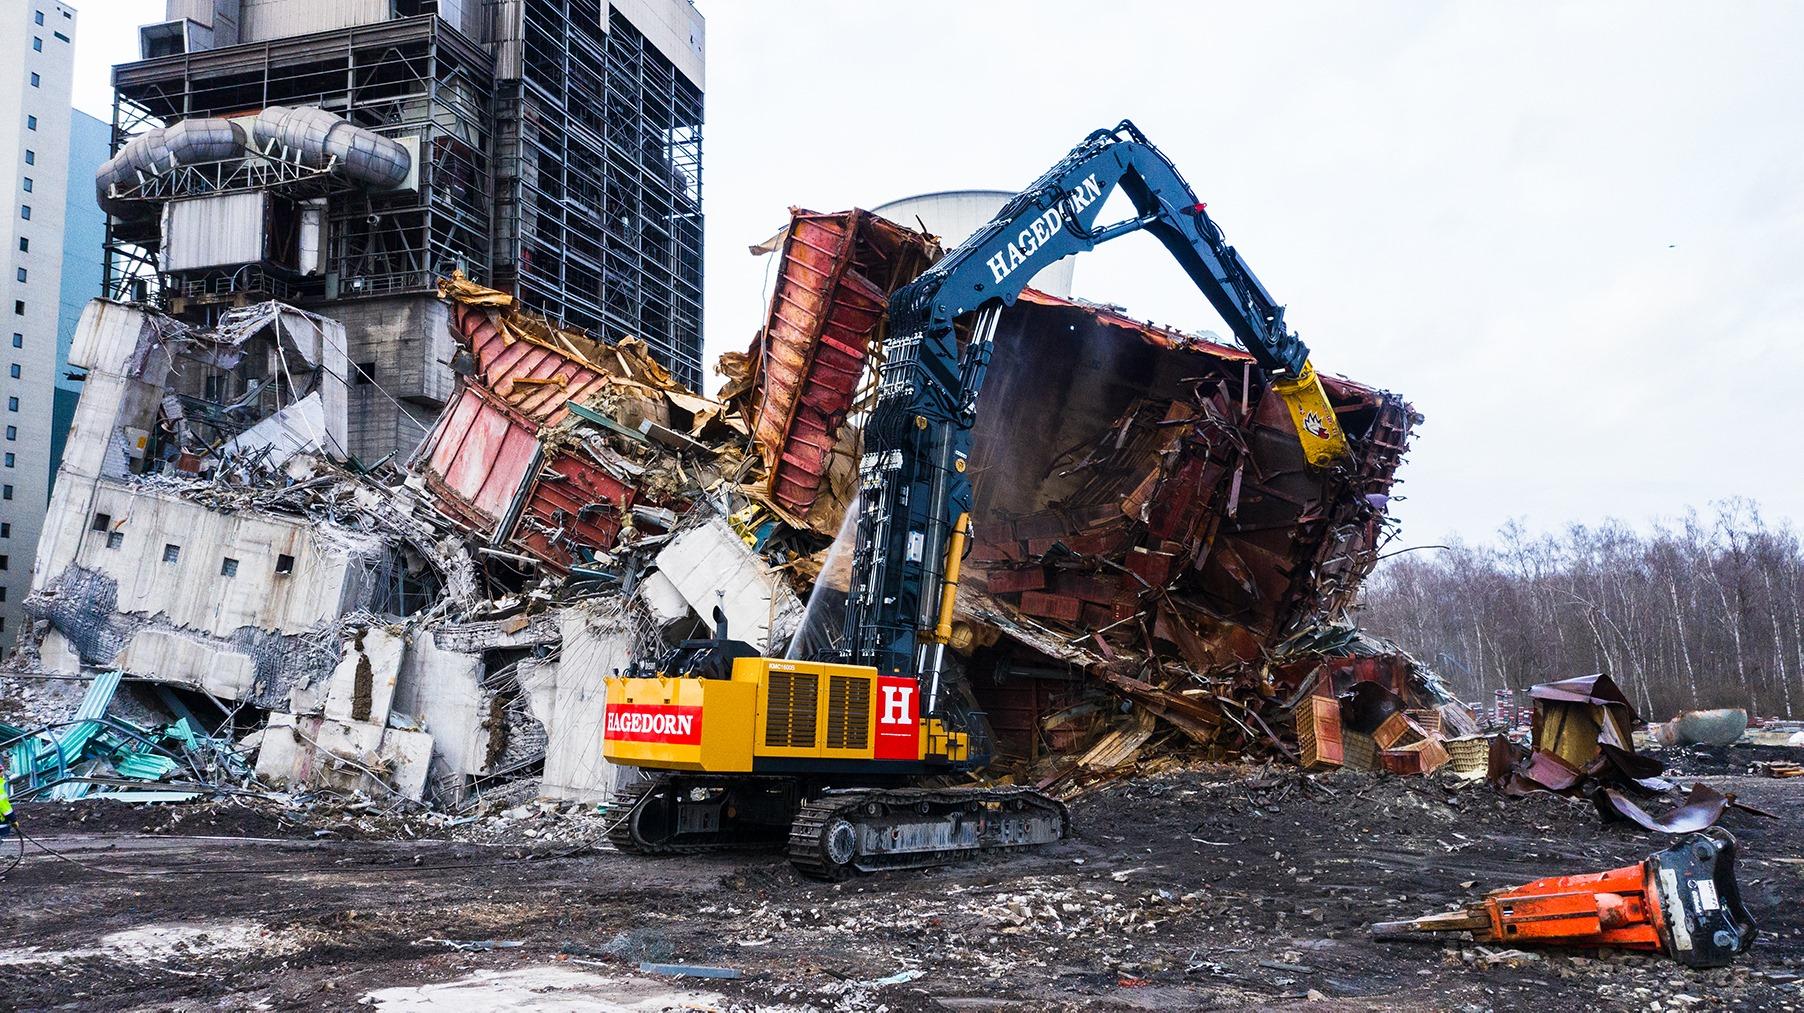 Cesoia demolizione centrale elettrica